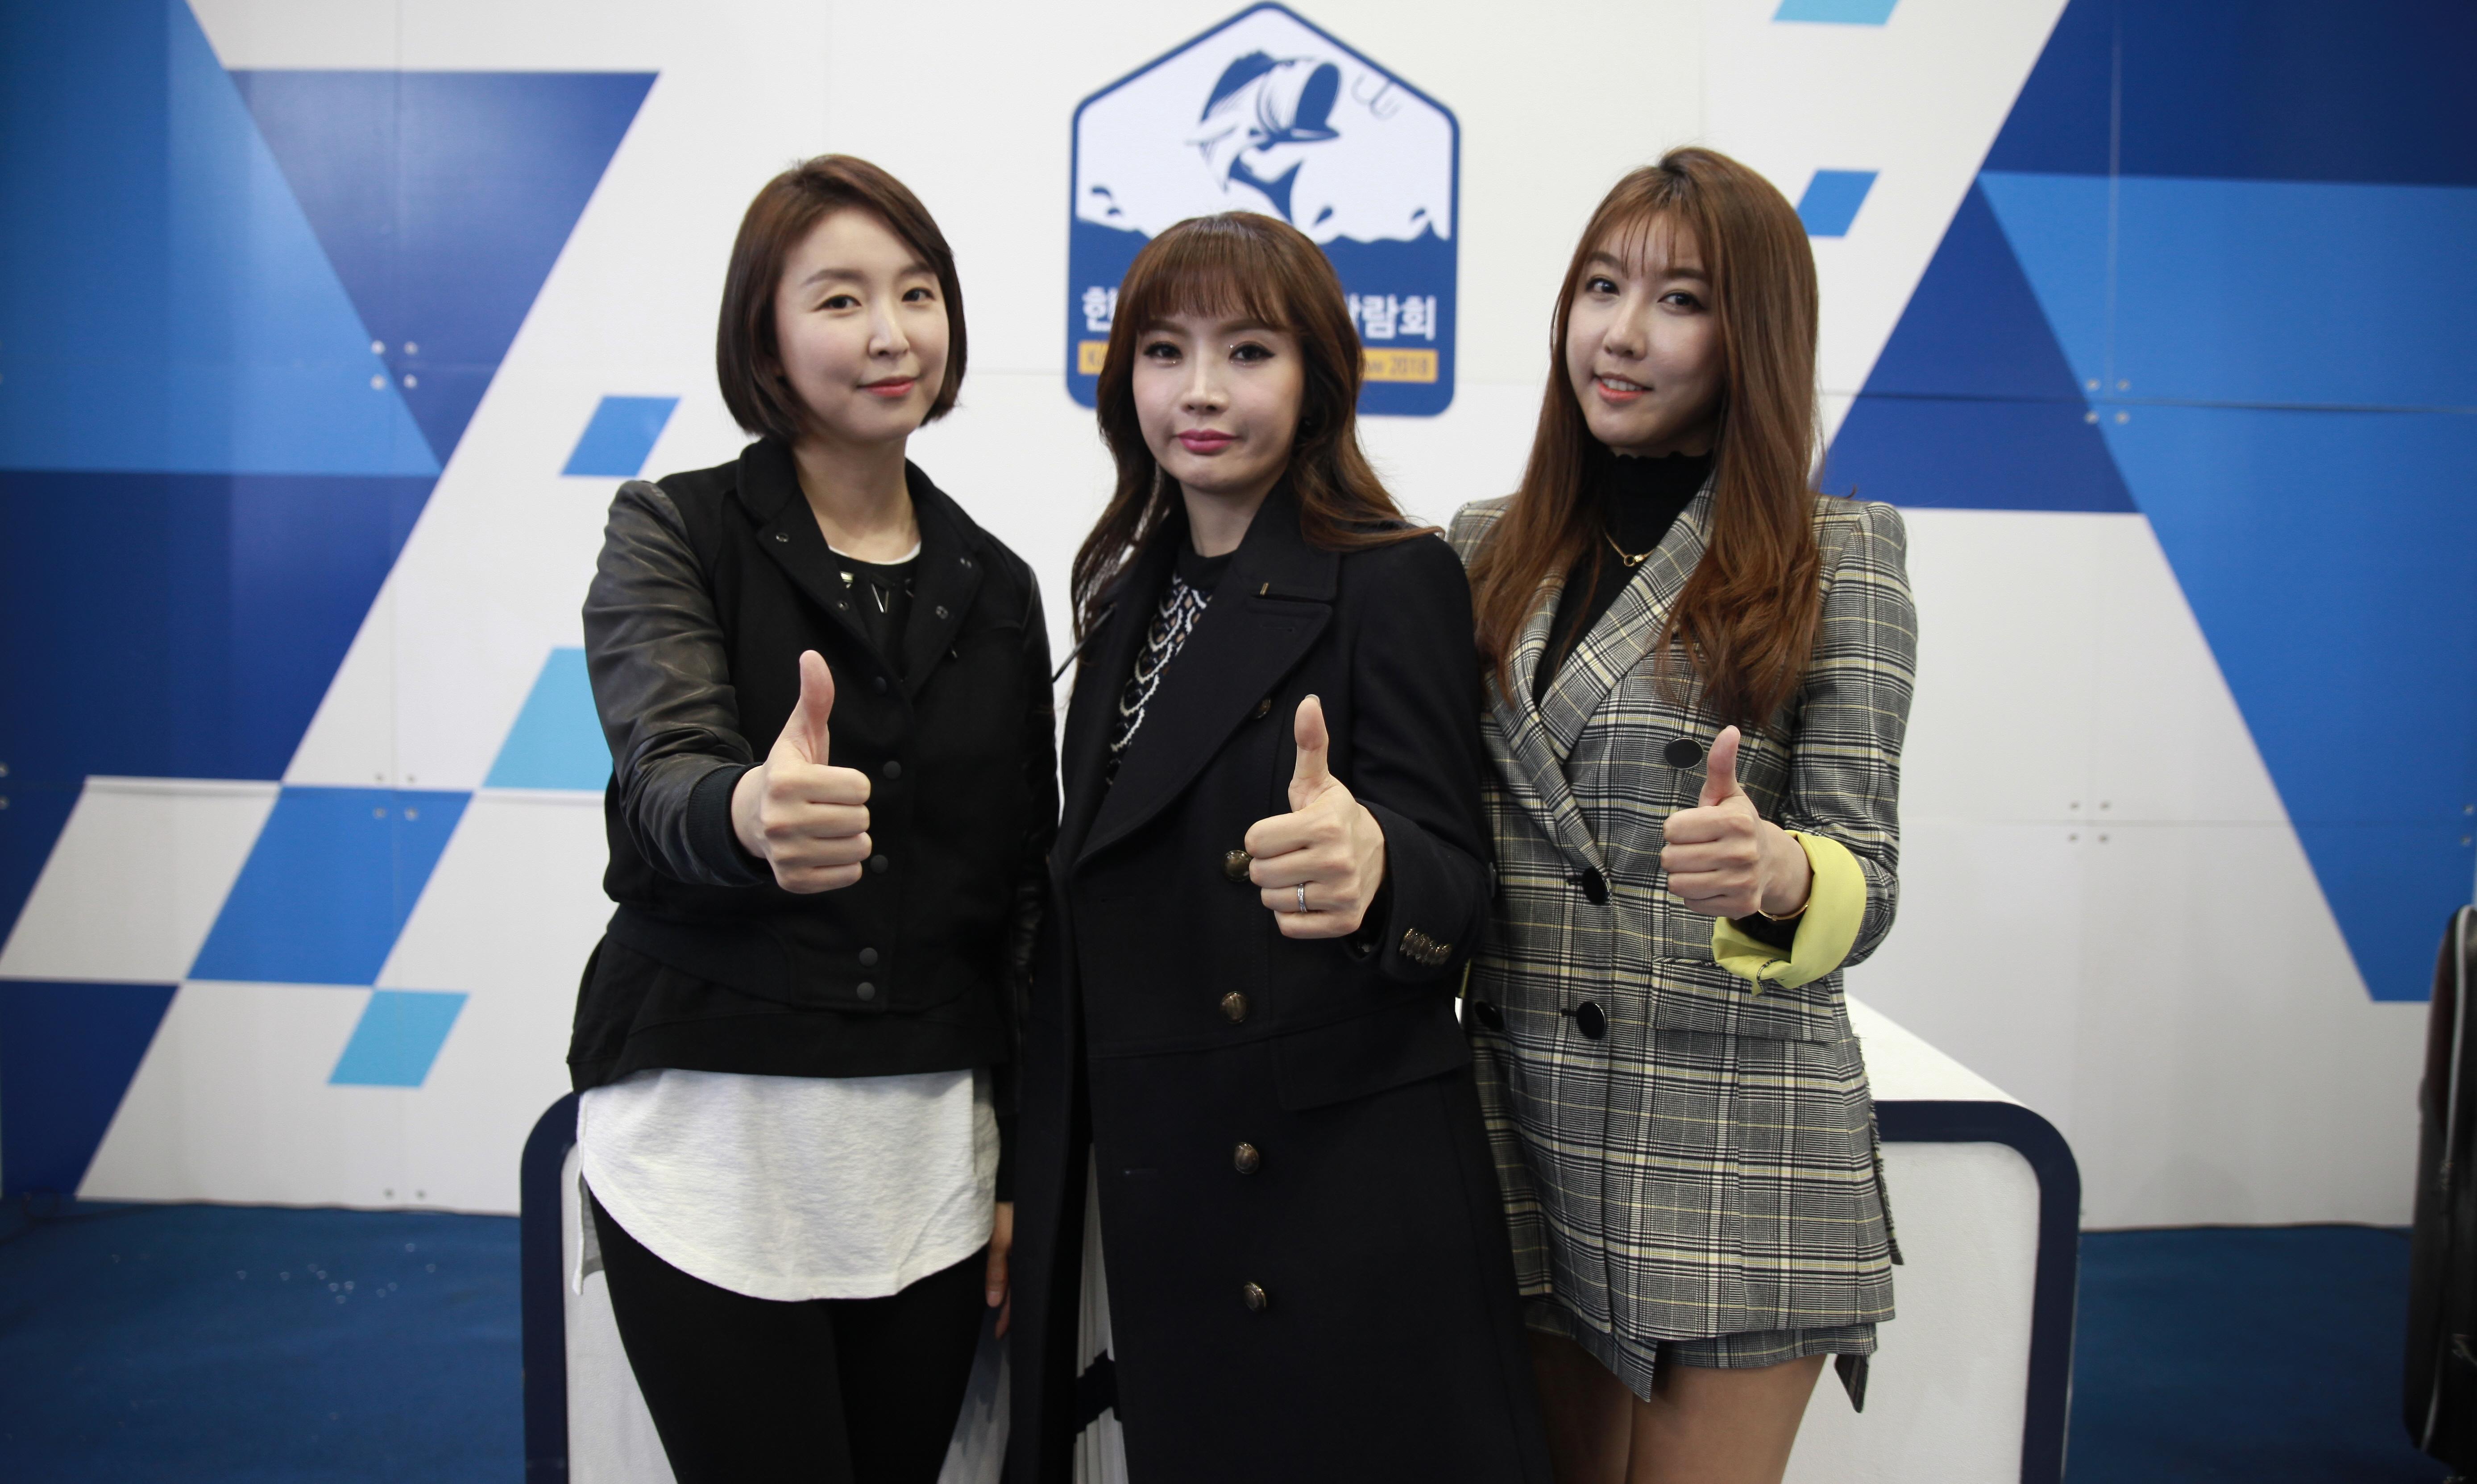 '피싱캠프 탁탁' 뉴페이스 이지희·최예진·정유리, '2018한국국제낚시박람회' 생방송 출연